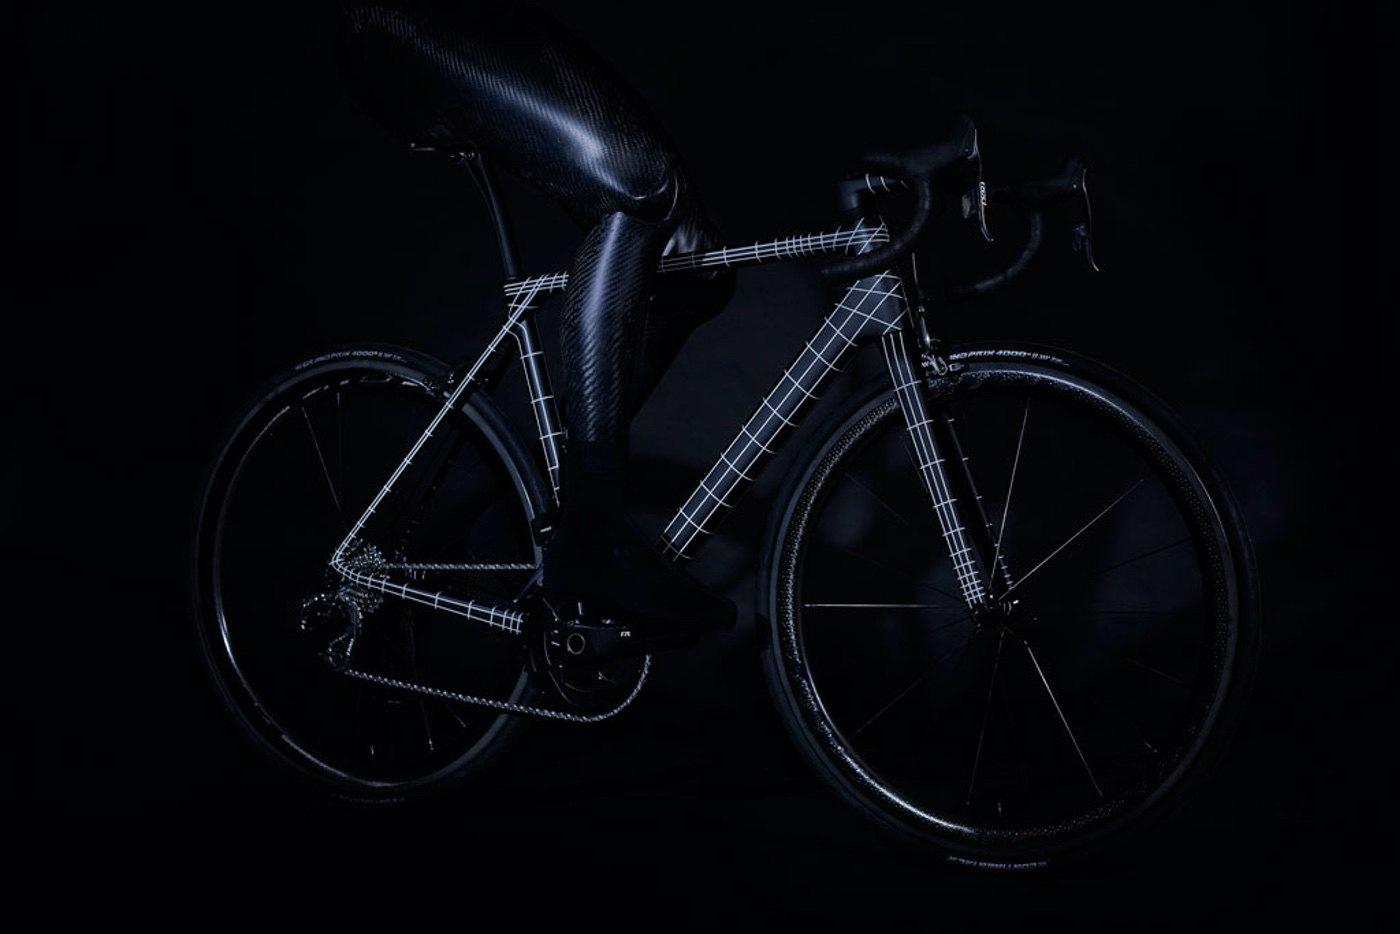 Canyon X Kraftwerk: y forma parte de la exclusiva historia ciclista de Canyon